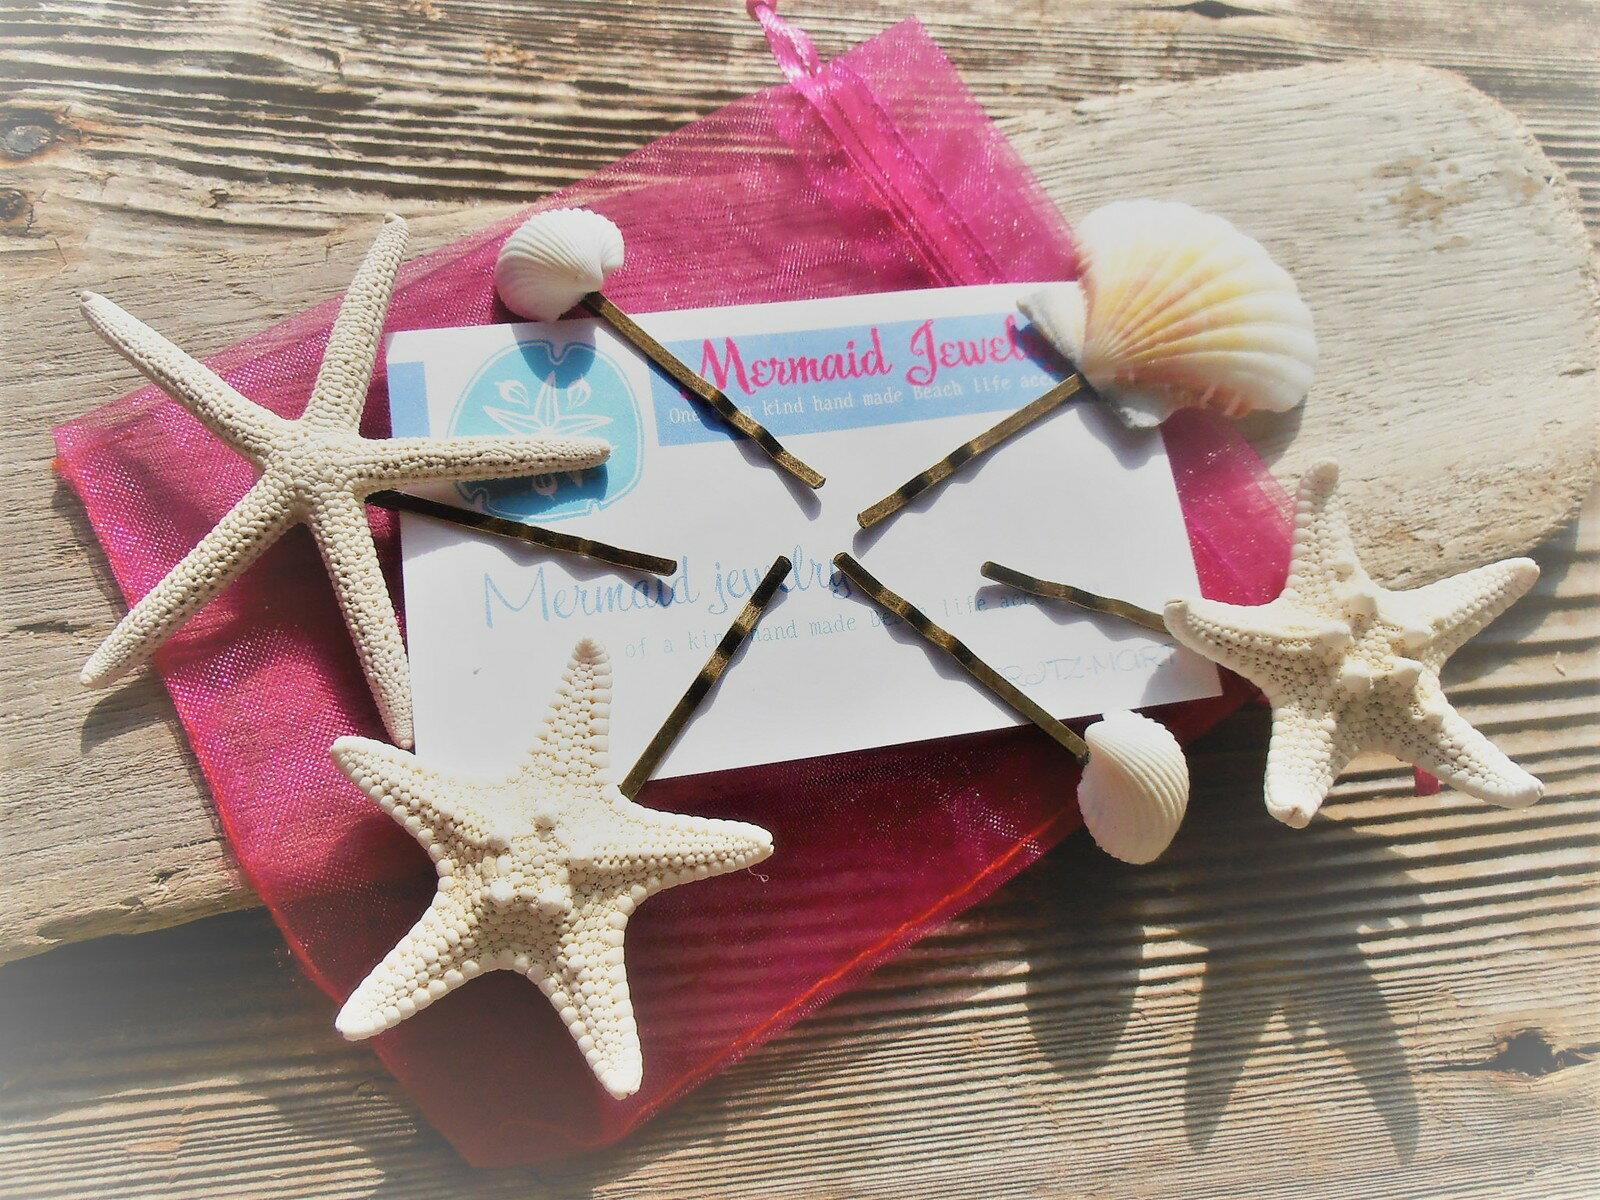 Mermaid jewelry スターフィッシュ シェル ヘアピンセット 小さな貝 ミニコブヒトデ 6セット 貝殻 髪飾り ヘアアクセサリー ハンドメイドアクセサリー ハワイアンジュエリー